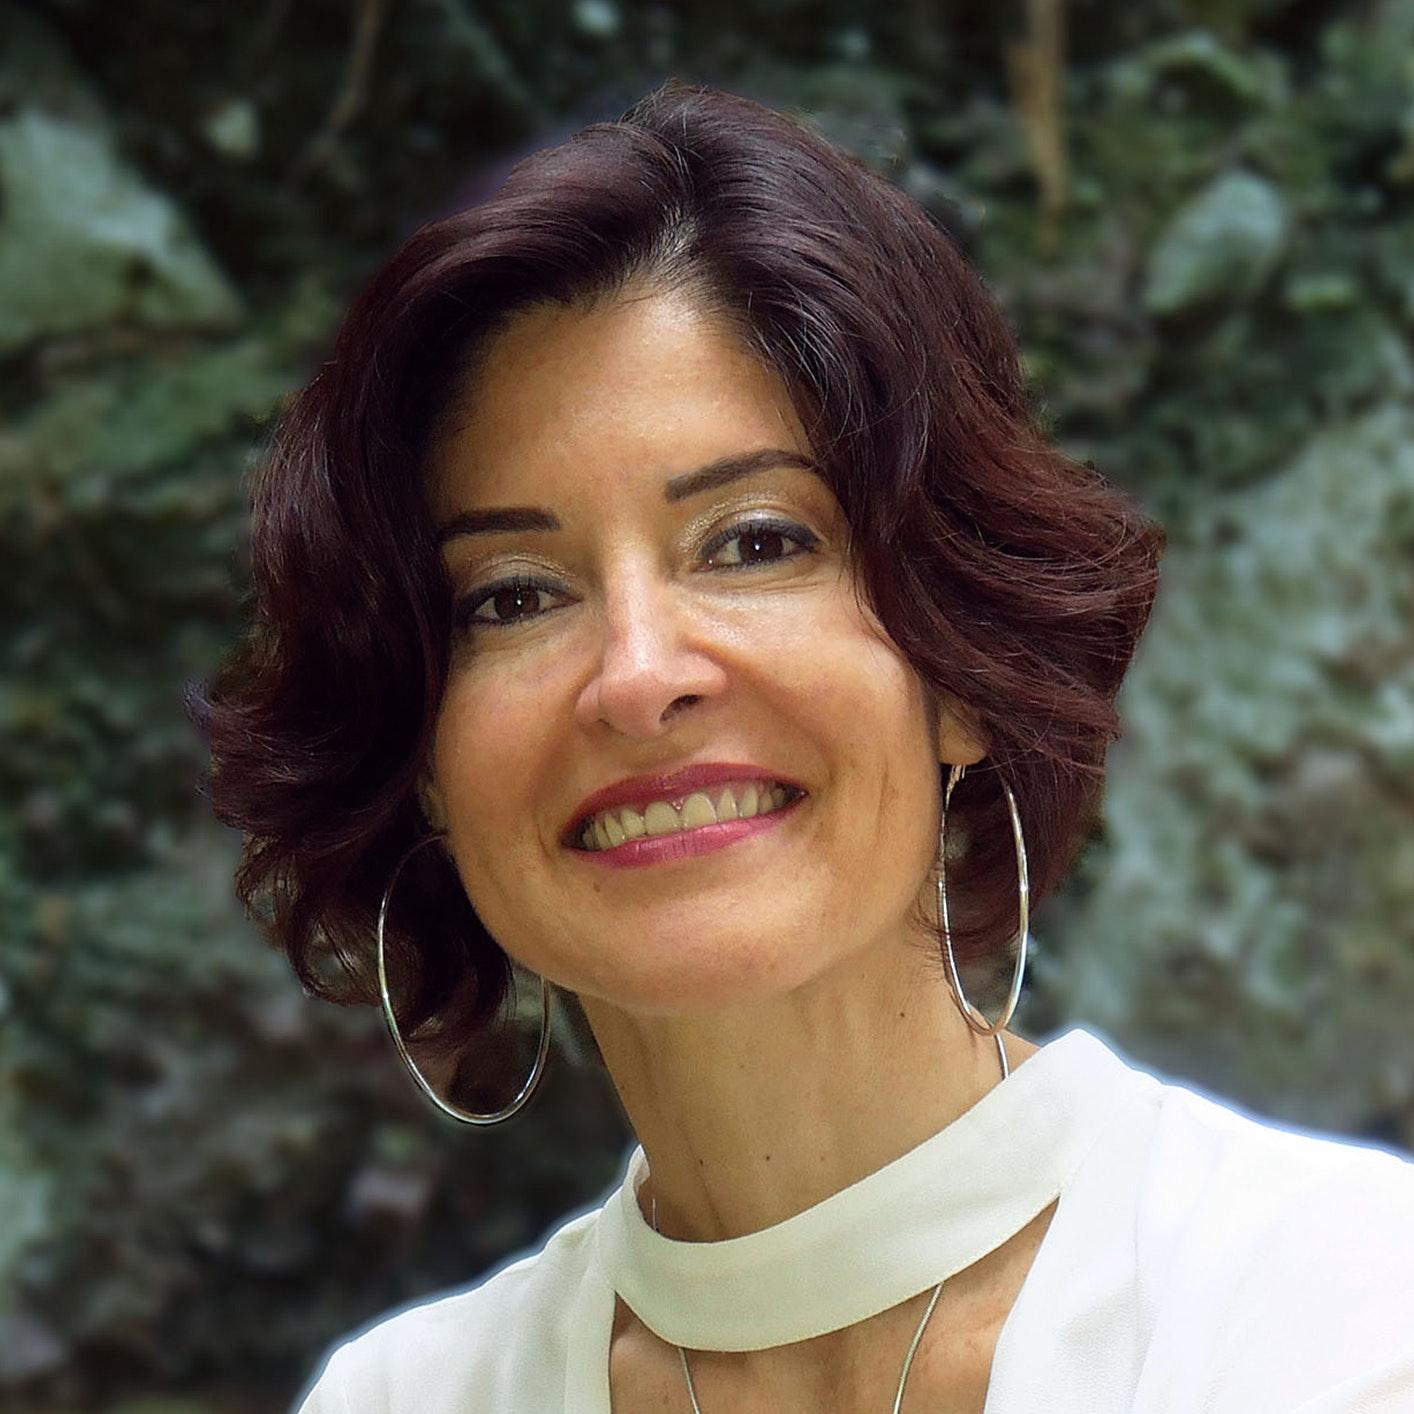 Adriana Paz Ramirez